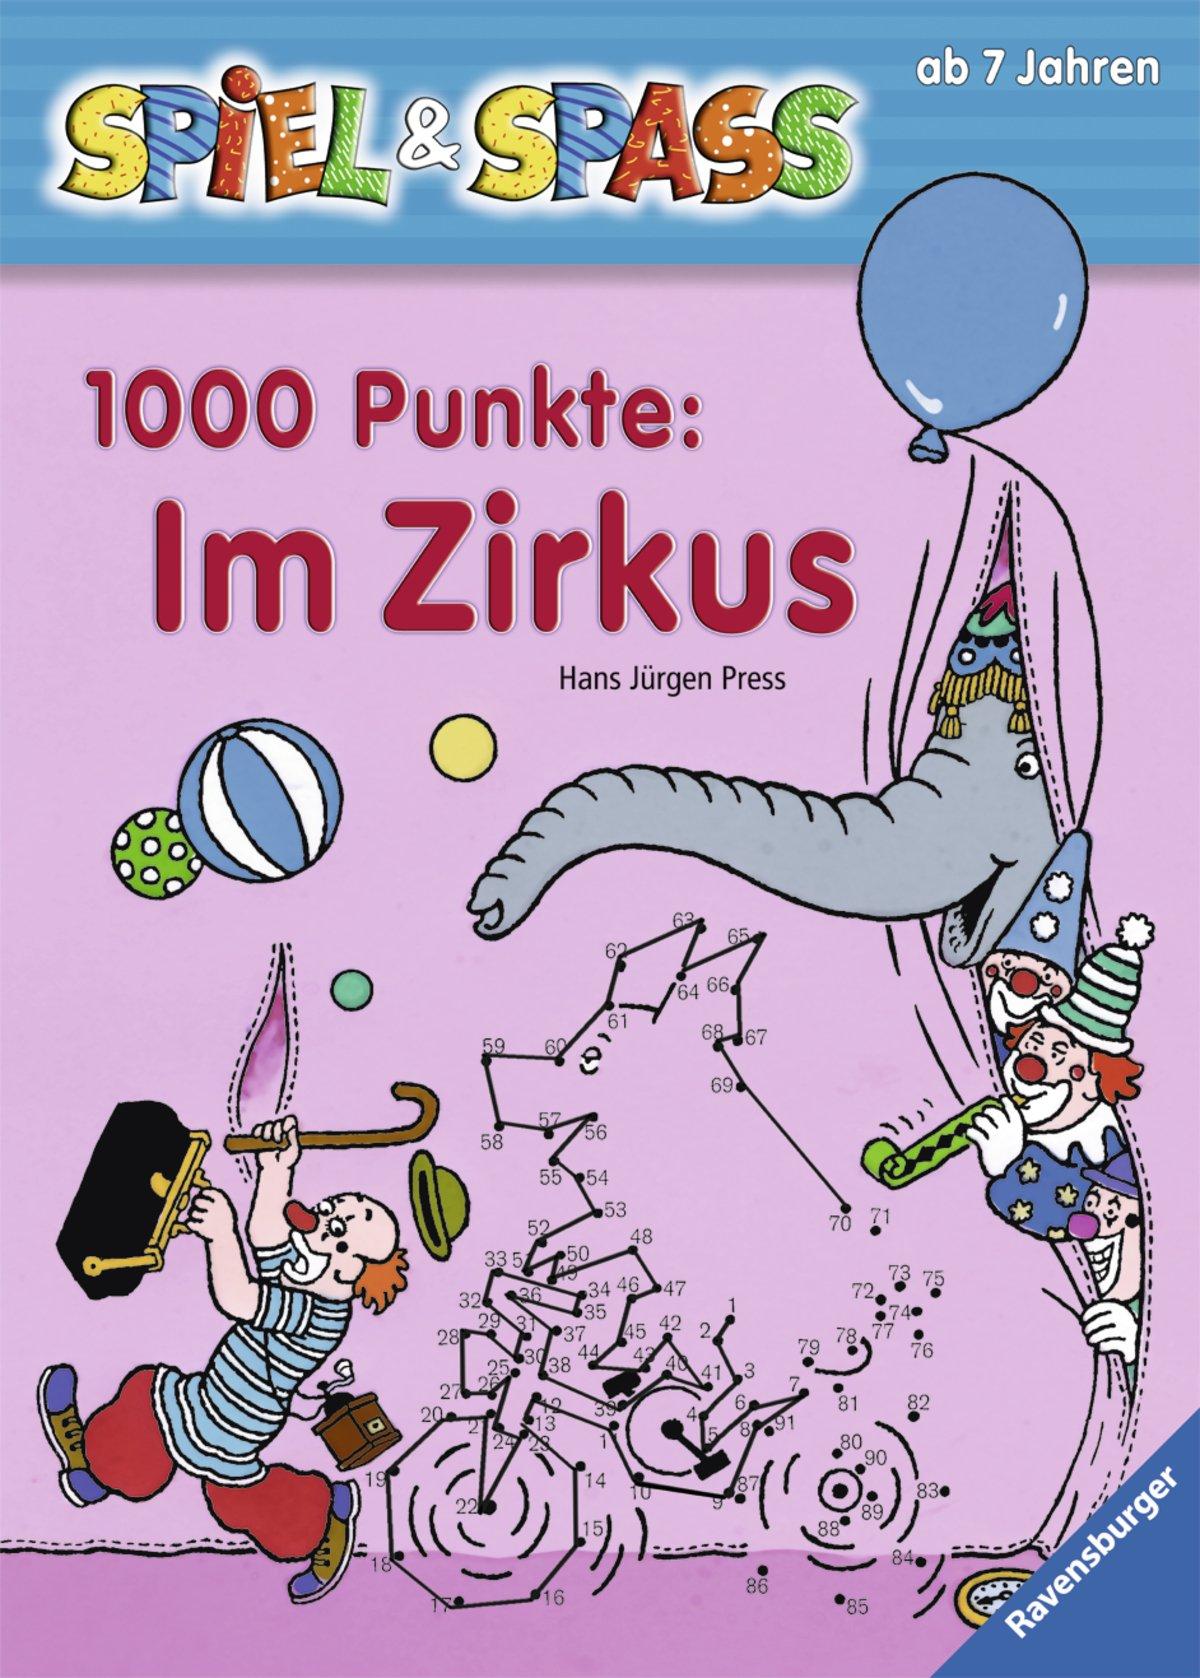 1000-punkte-im-zirkus-spiel-spass